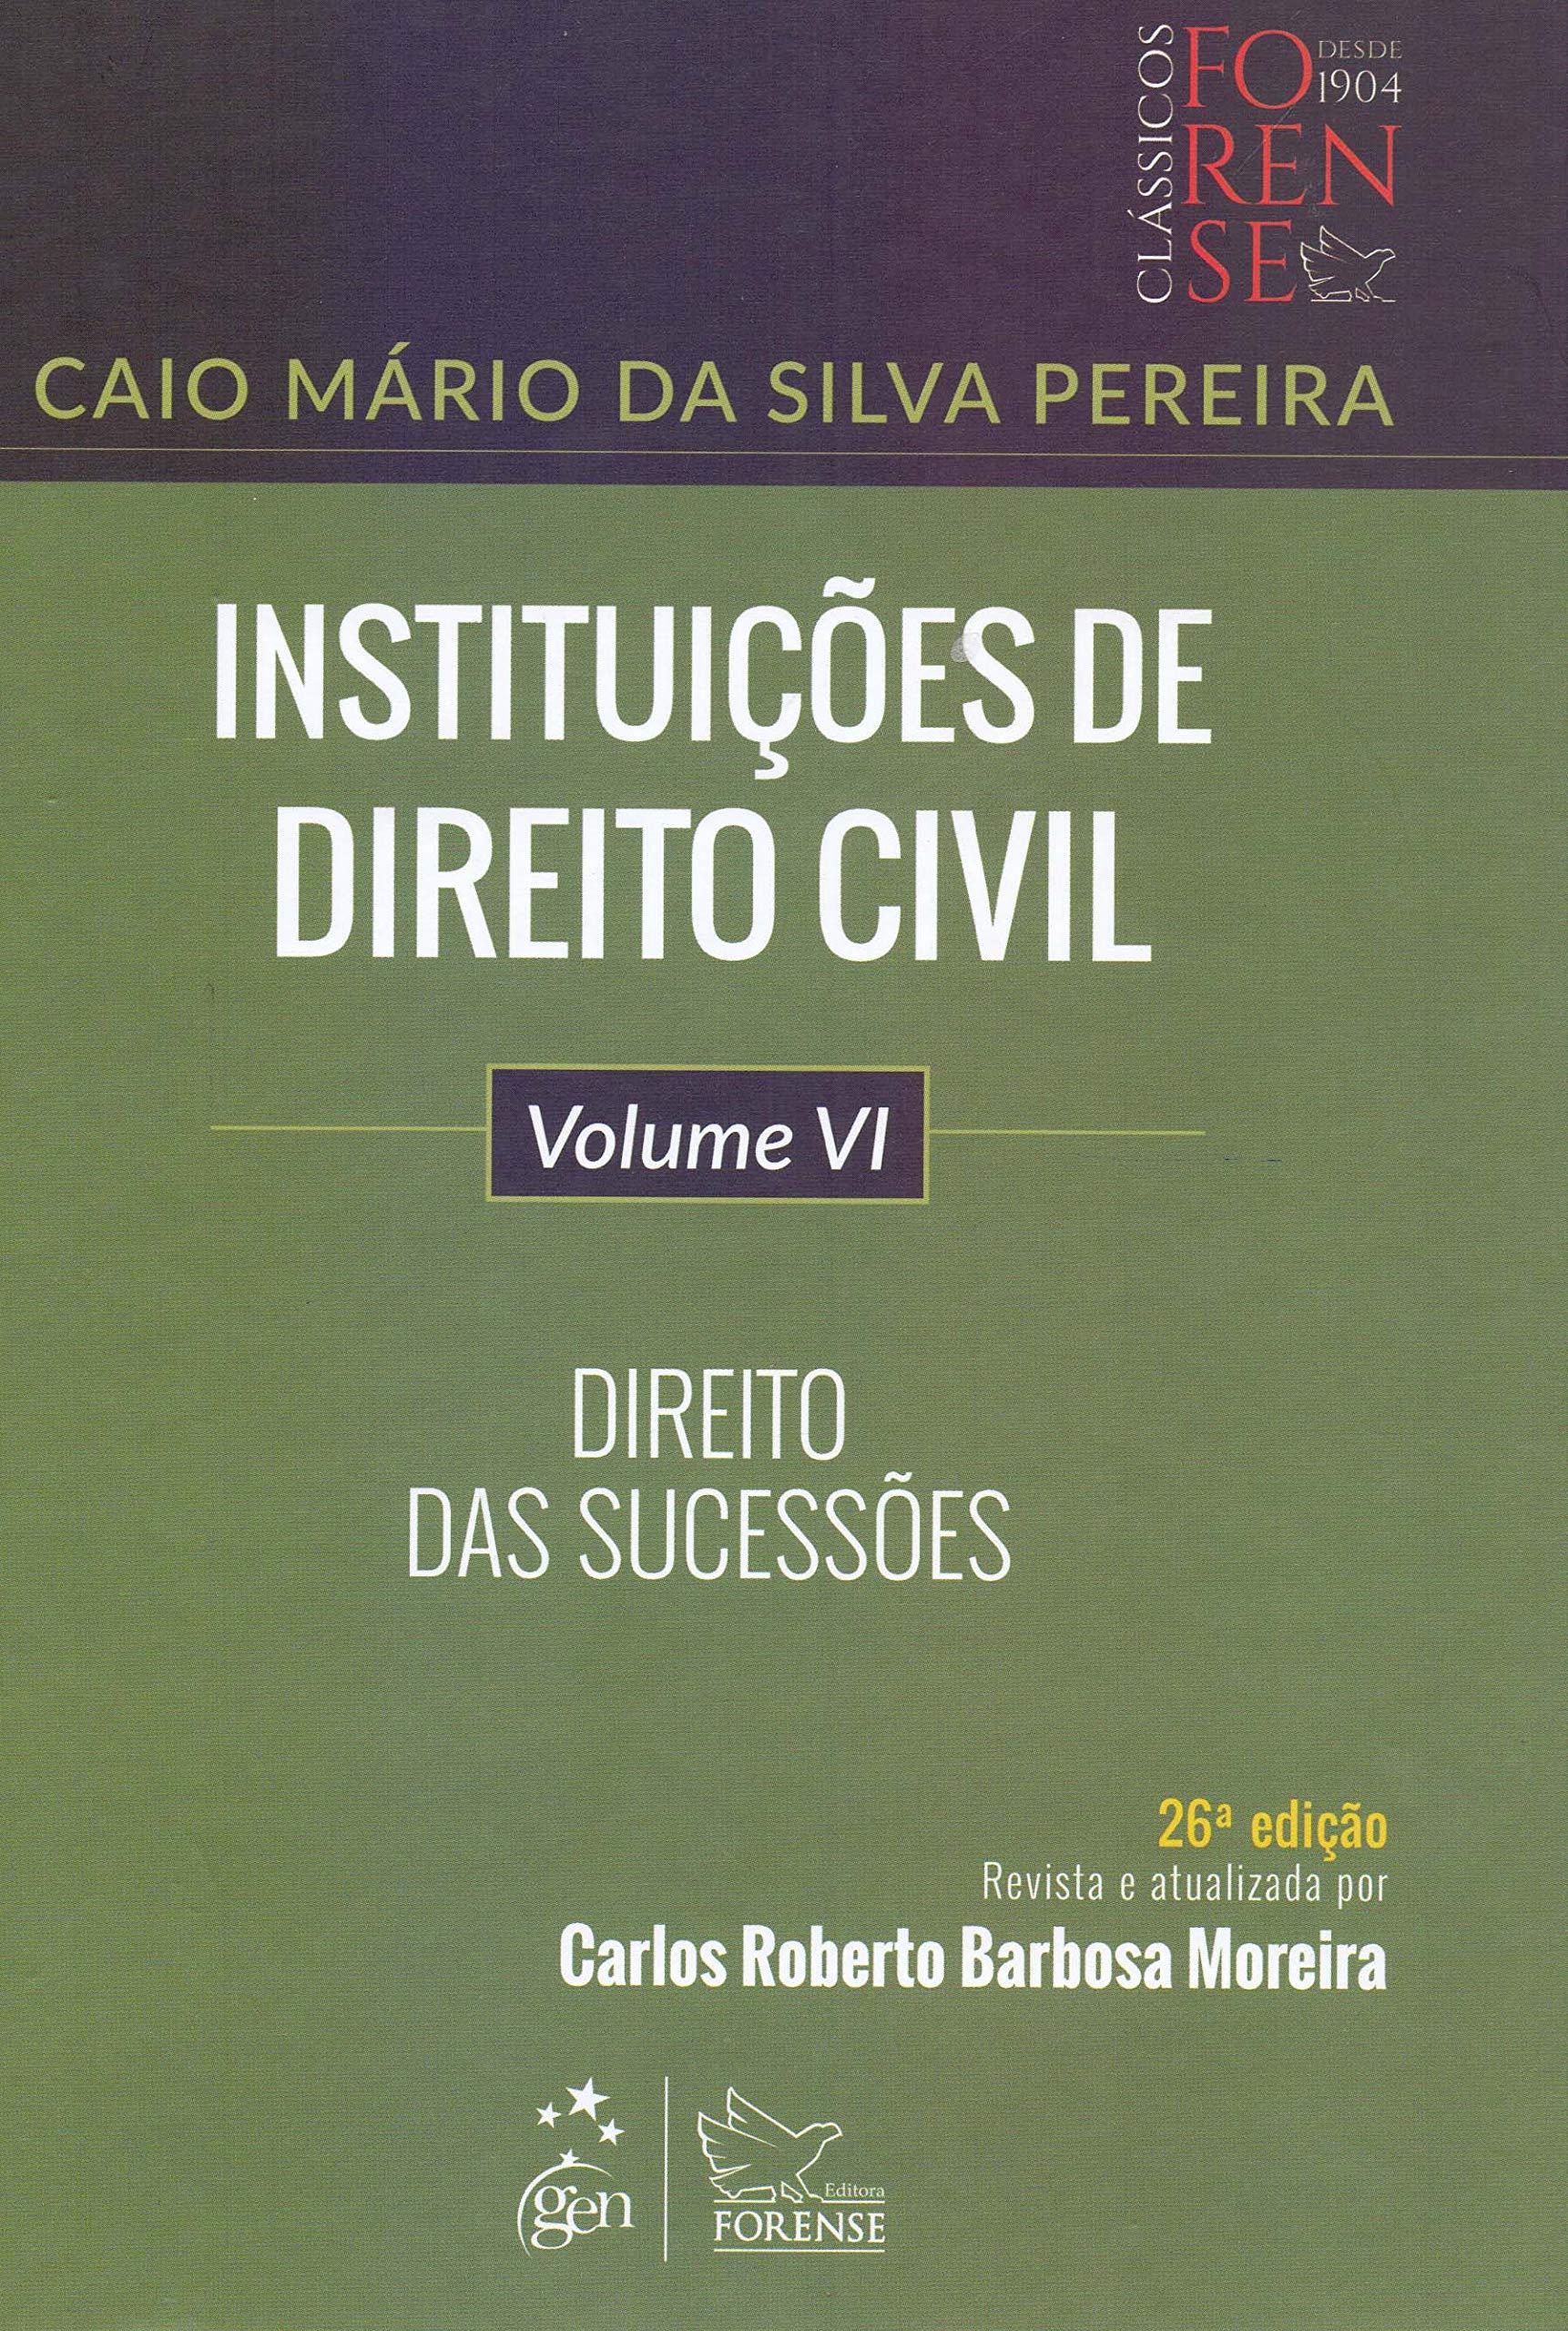 Instituições de Direito Civil - Vol. VI - Direito das Sucessões ...